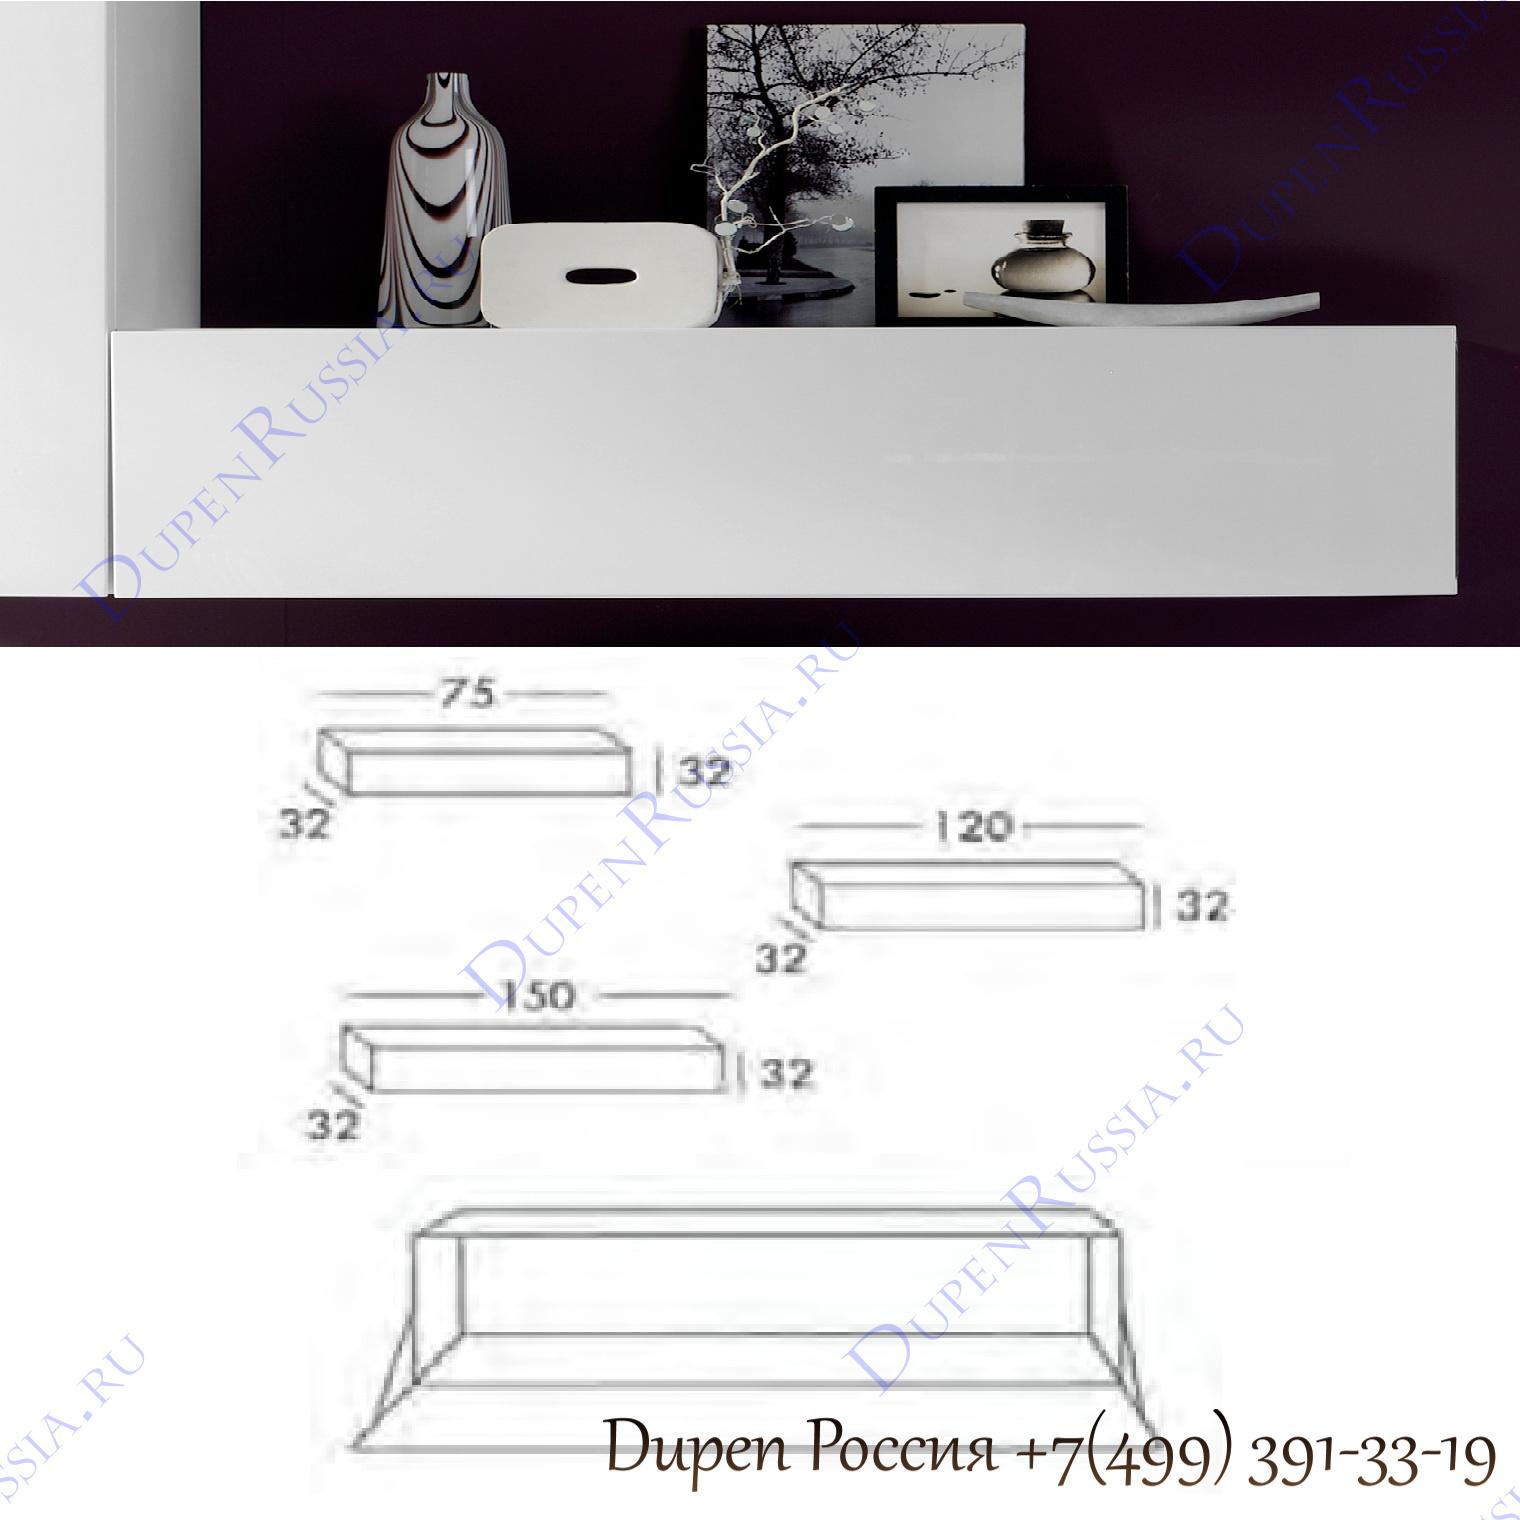 Горизонтальный настенный модуль DUPEN MH откр. Вниз